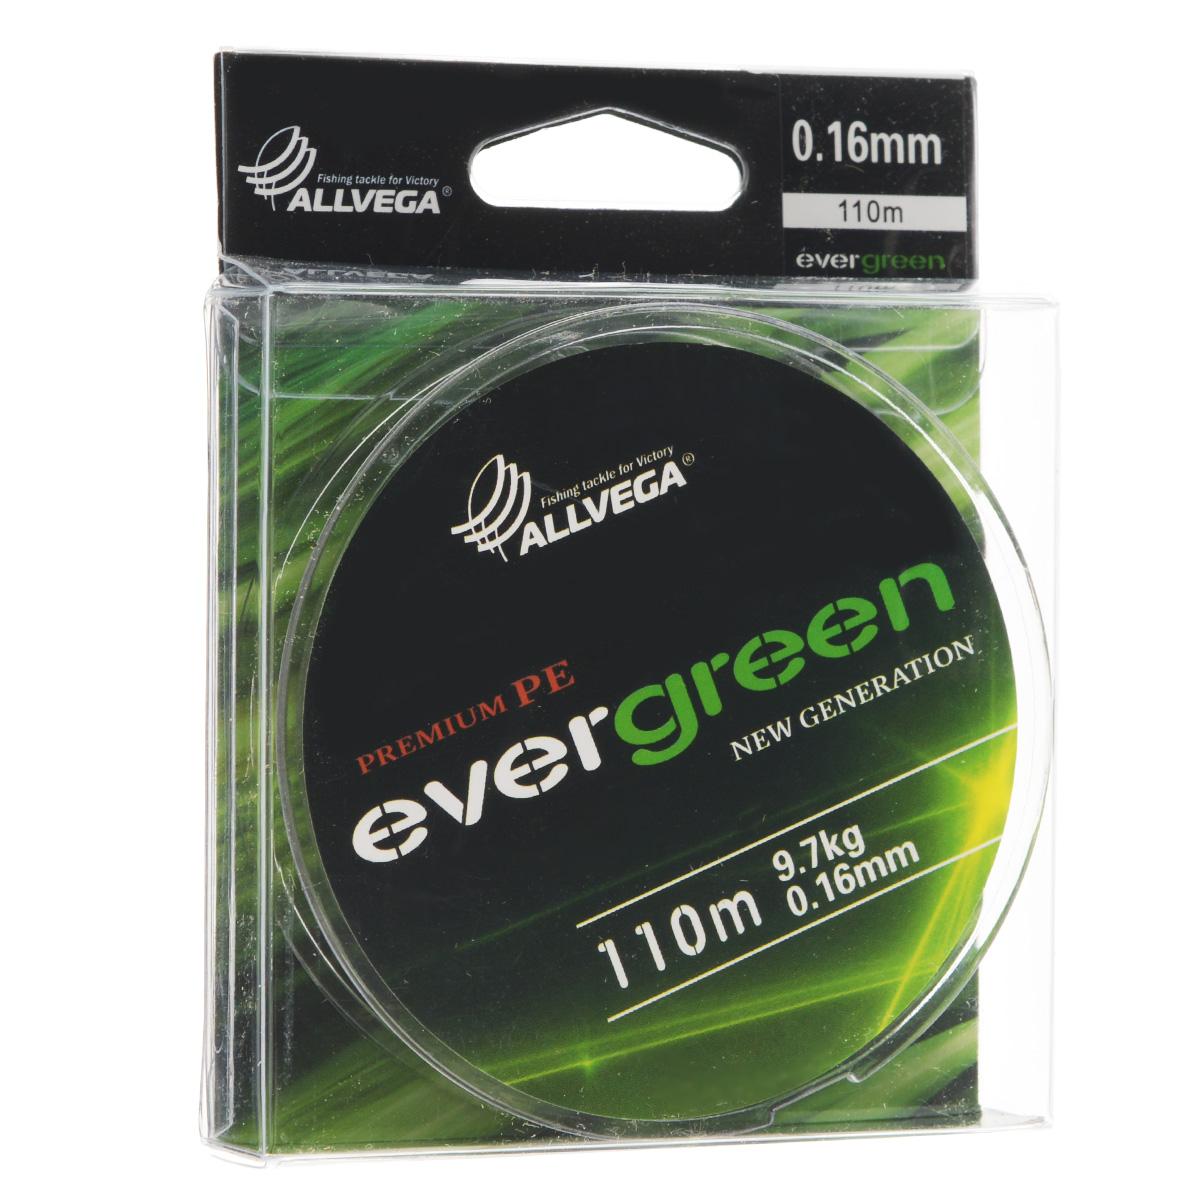 Леска плетеная Allvega Evergreen, цвет: темно-зеленый, 110 м, 0,16 мм, 9,7 кг39933Плетеная леска Allvega Evergreen очень прочная и способна выдержать сильные нагрузки. Благодаря высококачественному сырью леска Allvega Allvega Evergreen максимально устойчива к любым погодным условиям и особенностям каждого водоема. При традиционных методах производства плетеные шнуры со временем теряют свой цвет (покрытие), а вместе с ним и часть своих полезных физических свойств. Революционно новый подход в технологии изготовления лесок Allvega Evergreen позволяет забыть о проблеме потери цвета в процессе использования шнура. Он всегда будет зеленым - он просто не может быть другим!